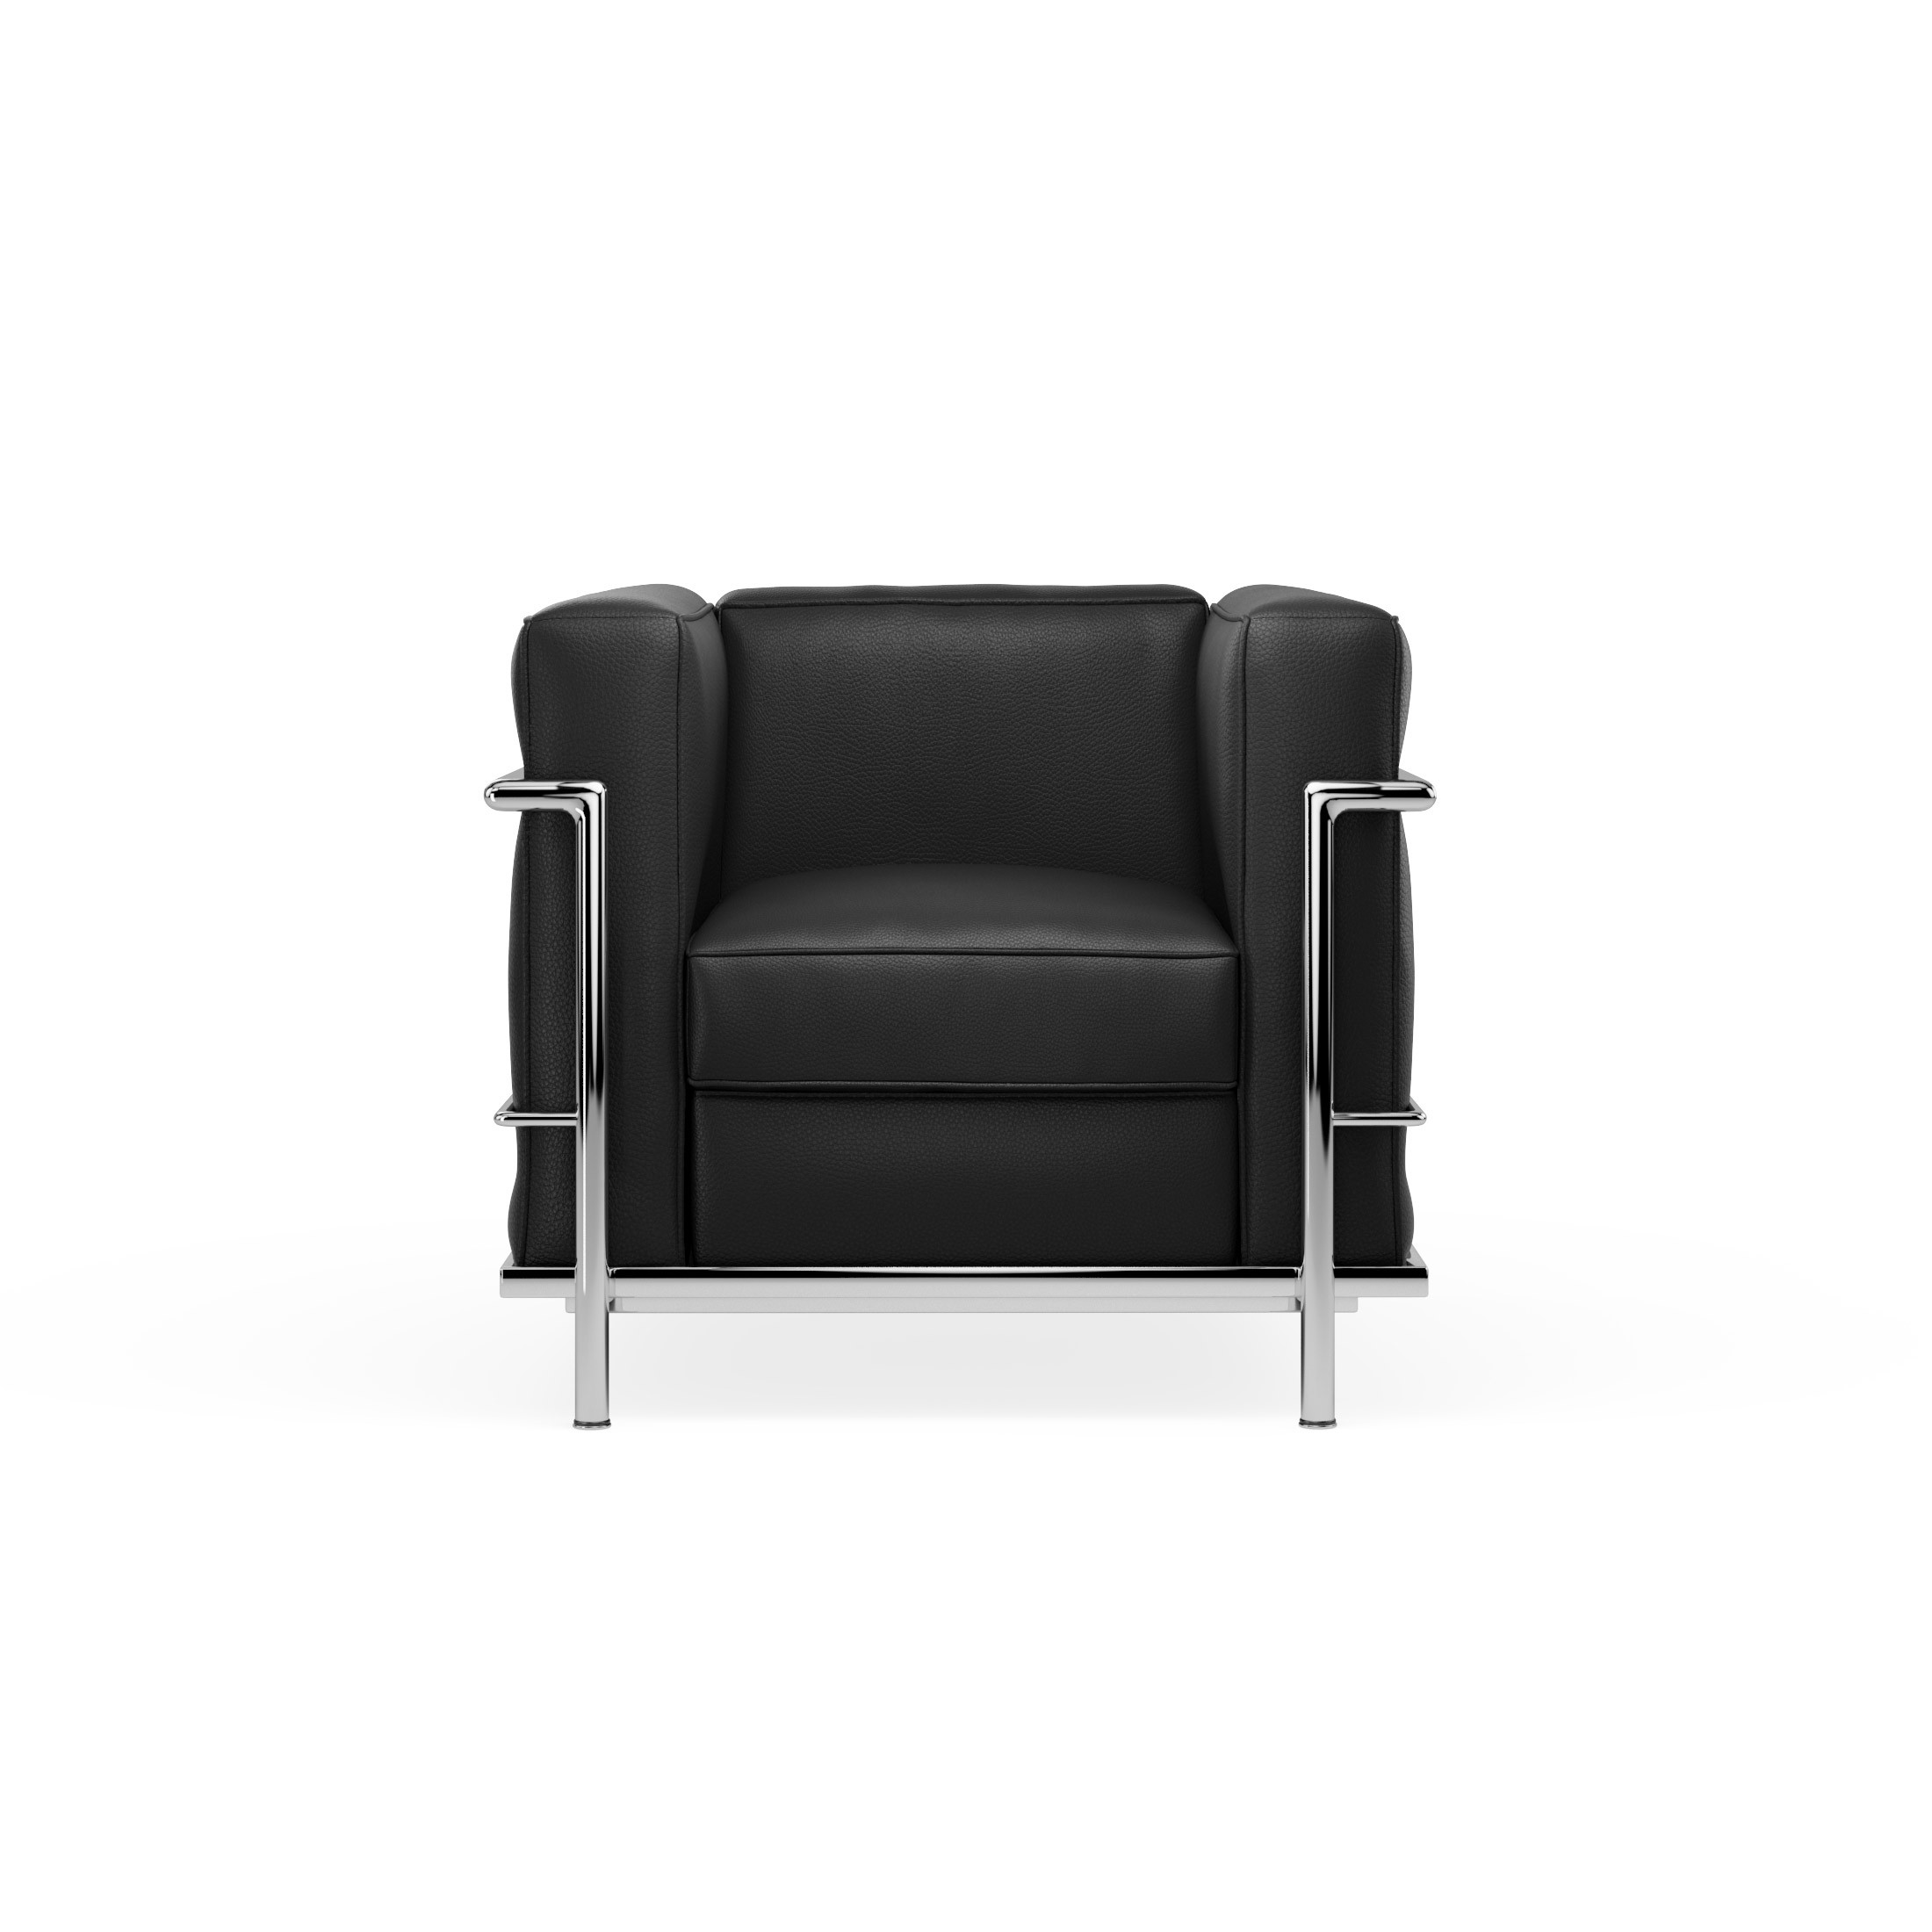 Sofá poltrona modelo LC2 Le Corbusier ecocuero Negro